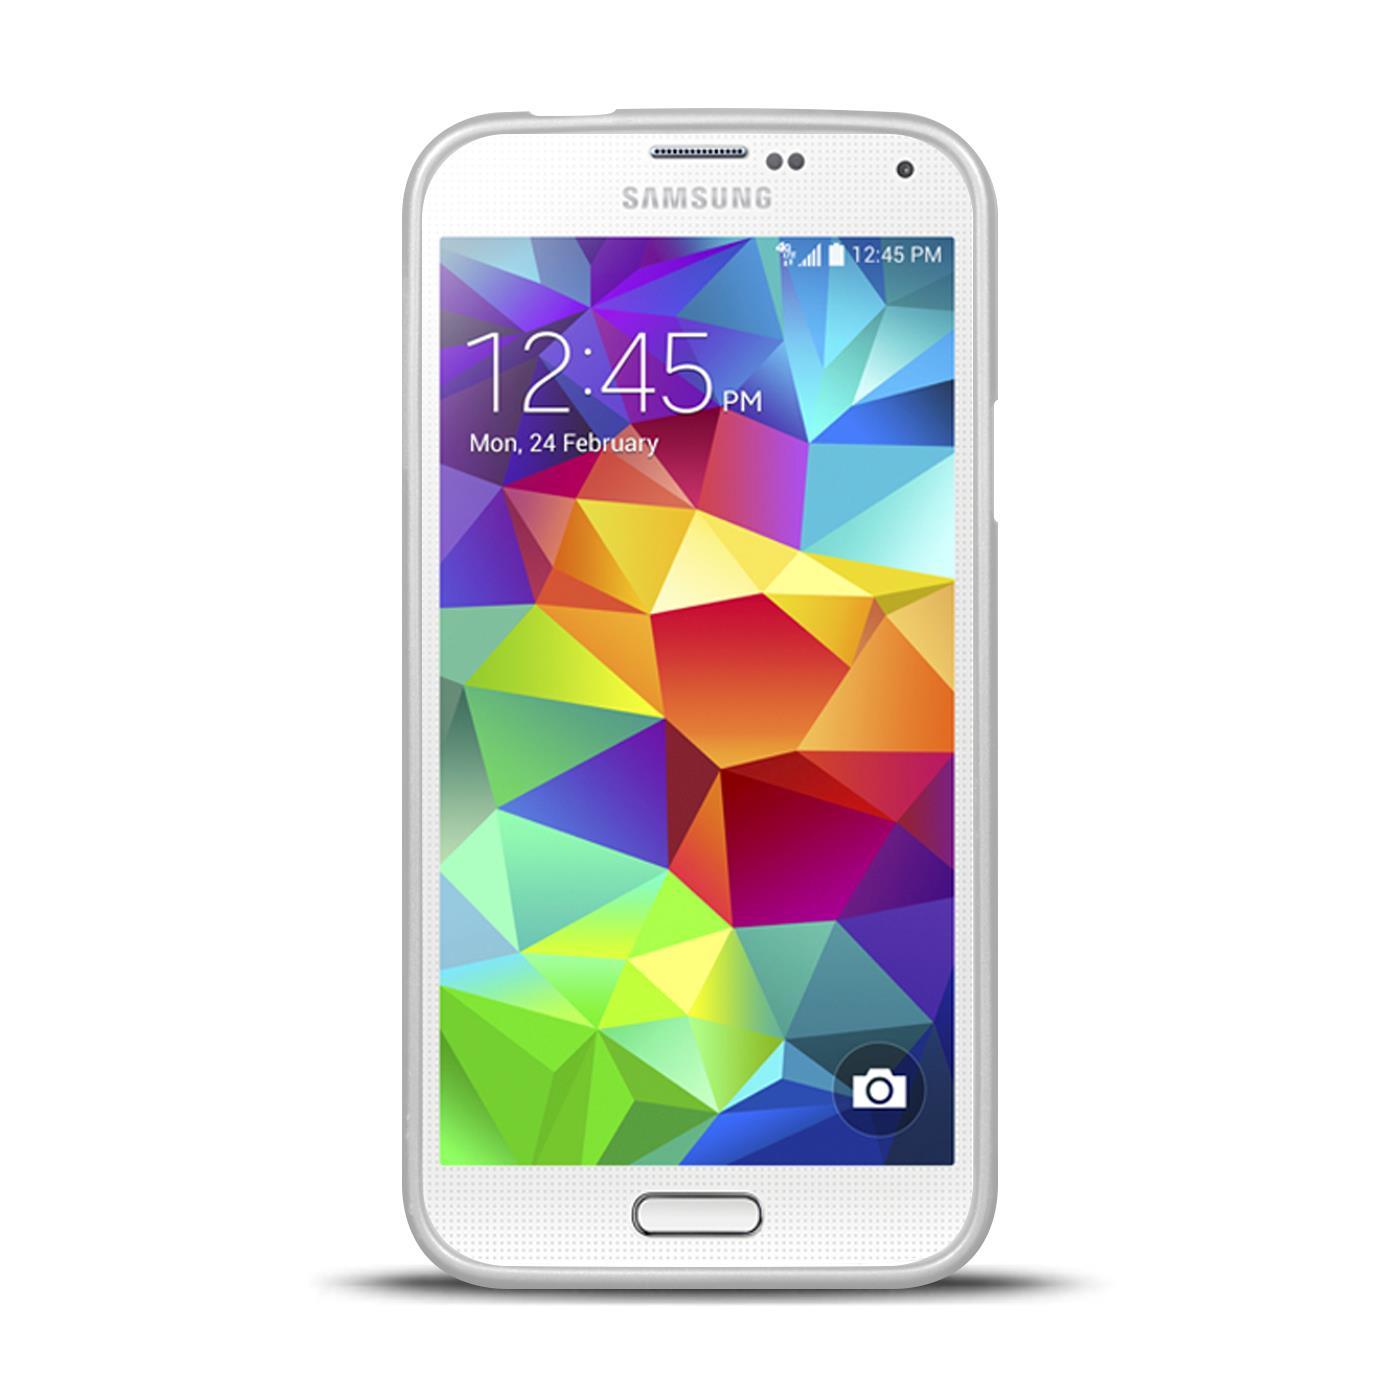 Silikon-Bumper-Case-Samsung-Galaxy-s5-Neo-duenne-ultra-slim-Stossfeste-Rueckschale Indexbild 43